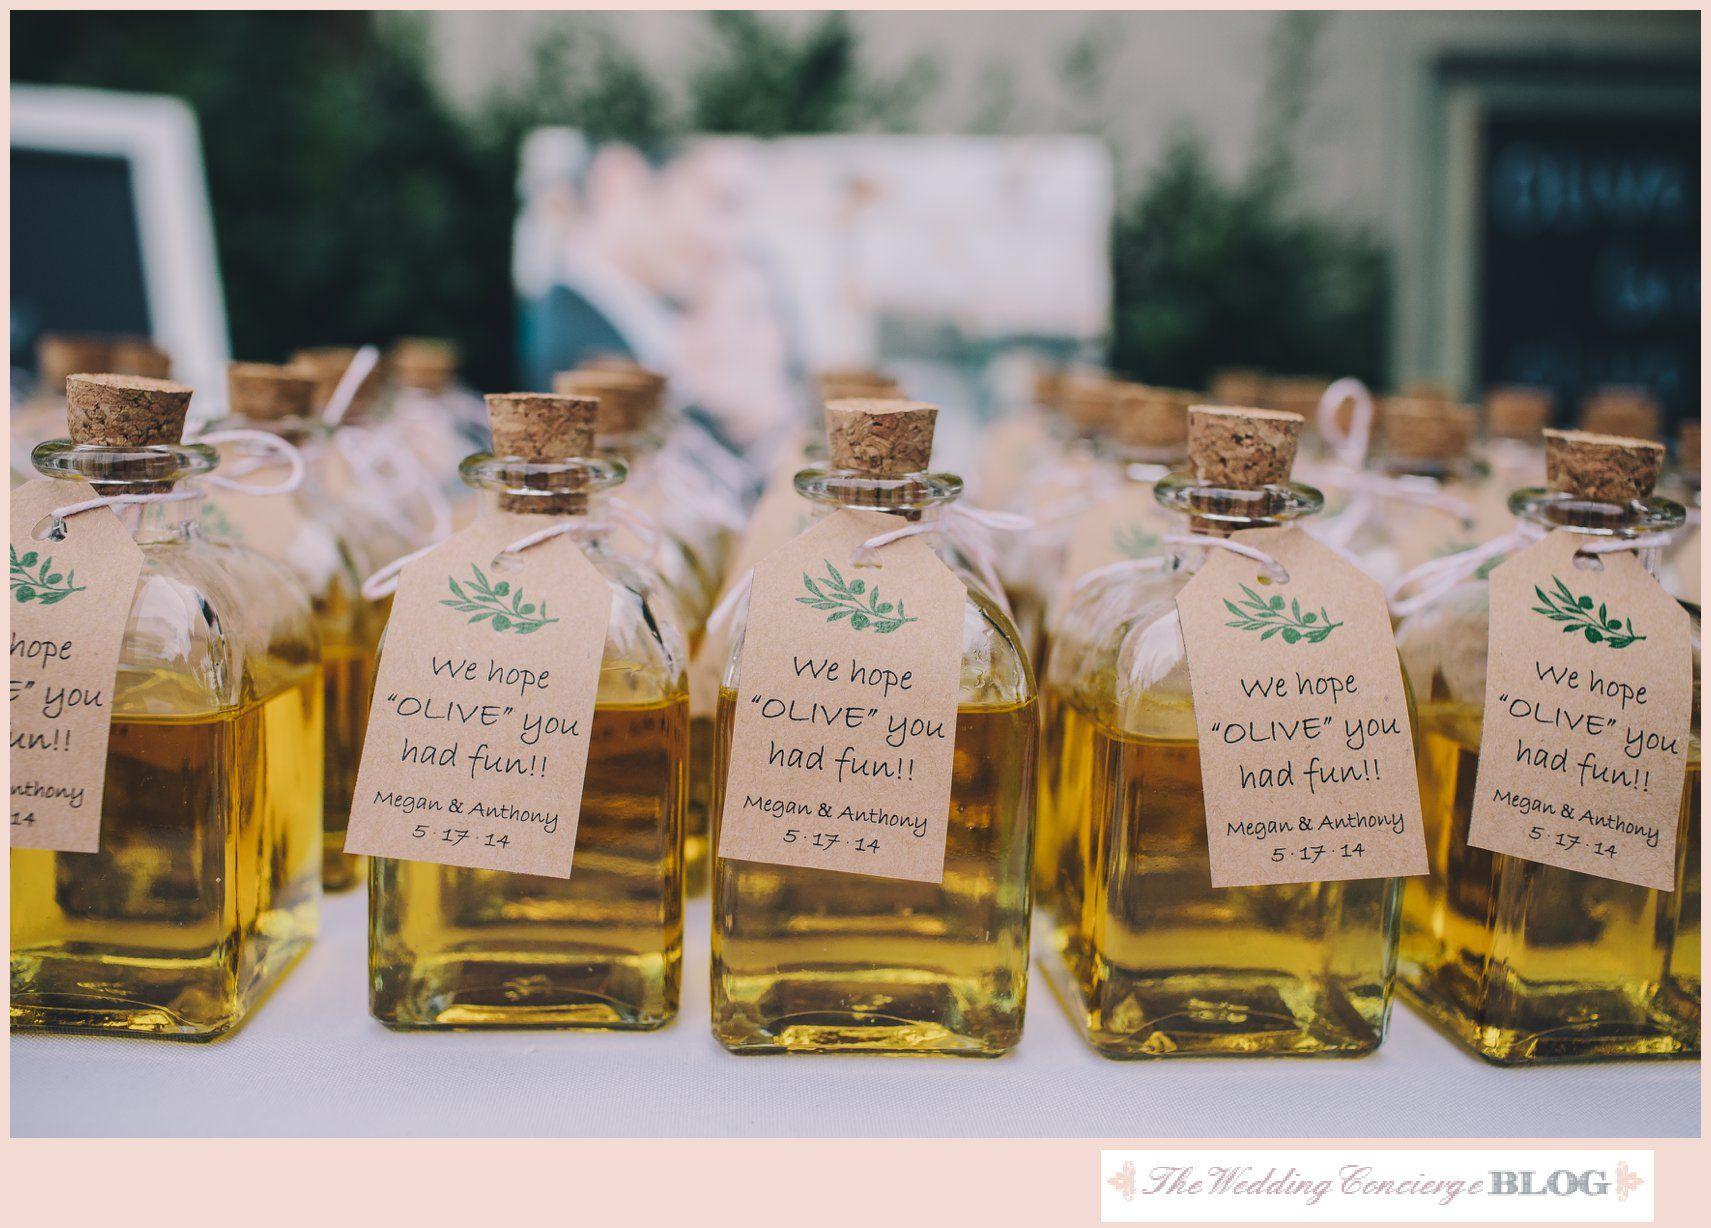 12 id es funky de cadeaux invit s pour ton mariage funky wedding id es cadeau invit s - Idee cadeau invite mariage ...